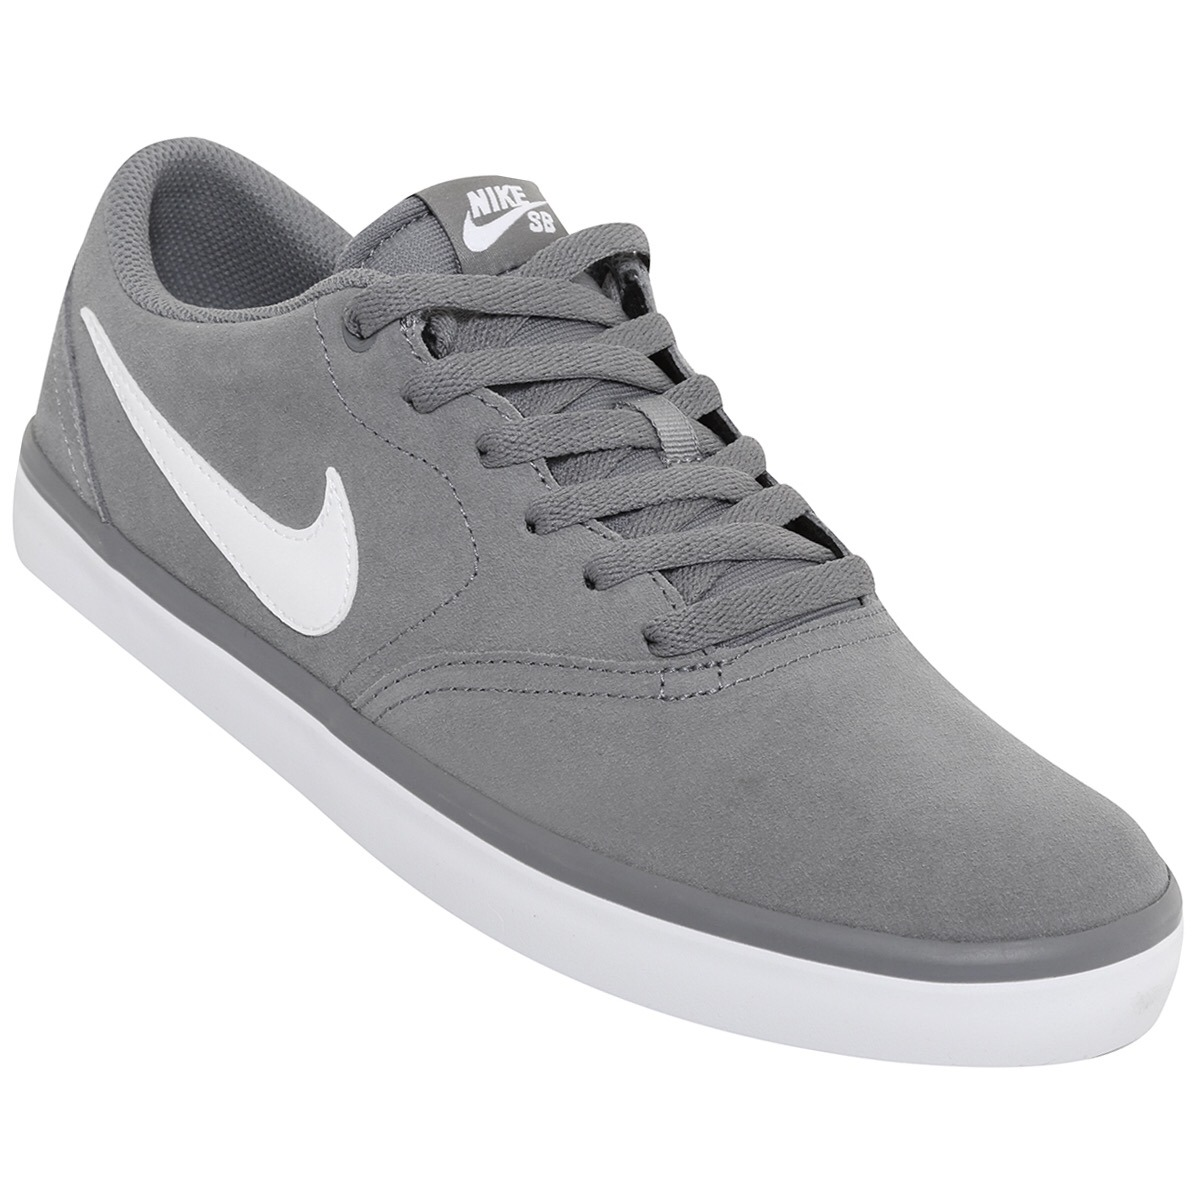 Nike Grises Basket Basket Skateboarding Nike Skateboarding vYf6y7gb